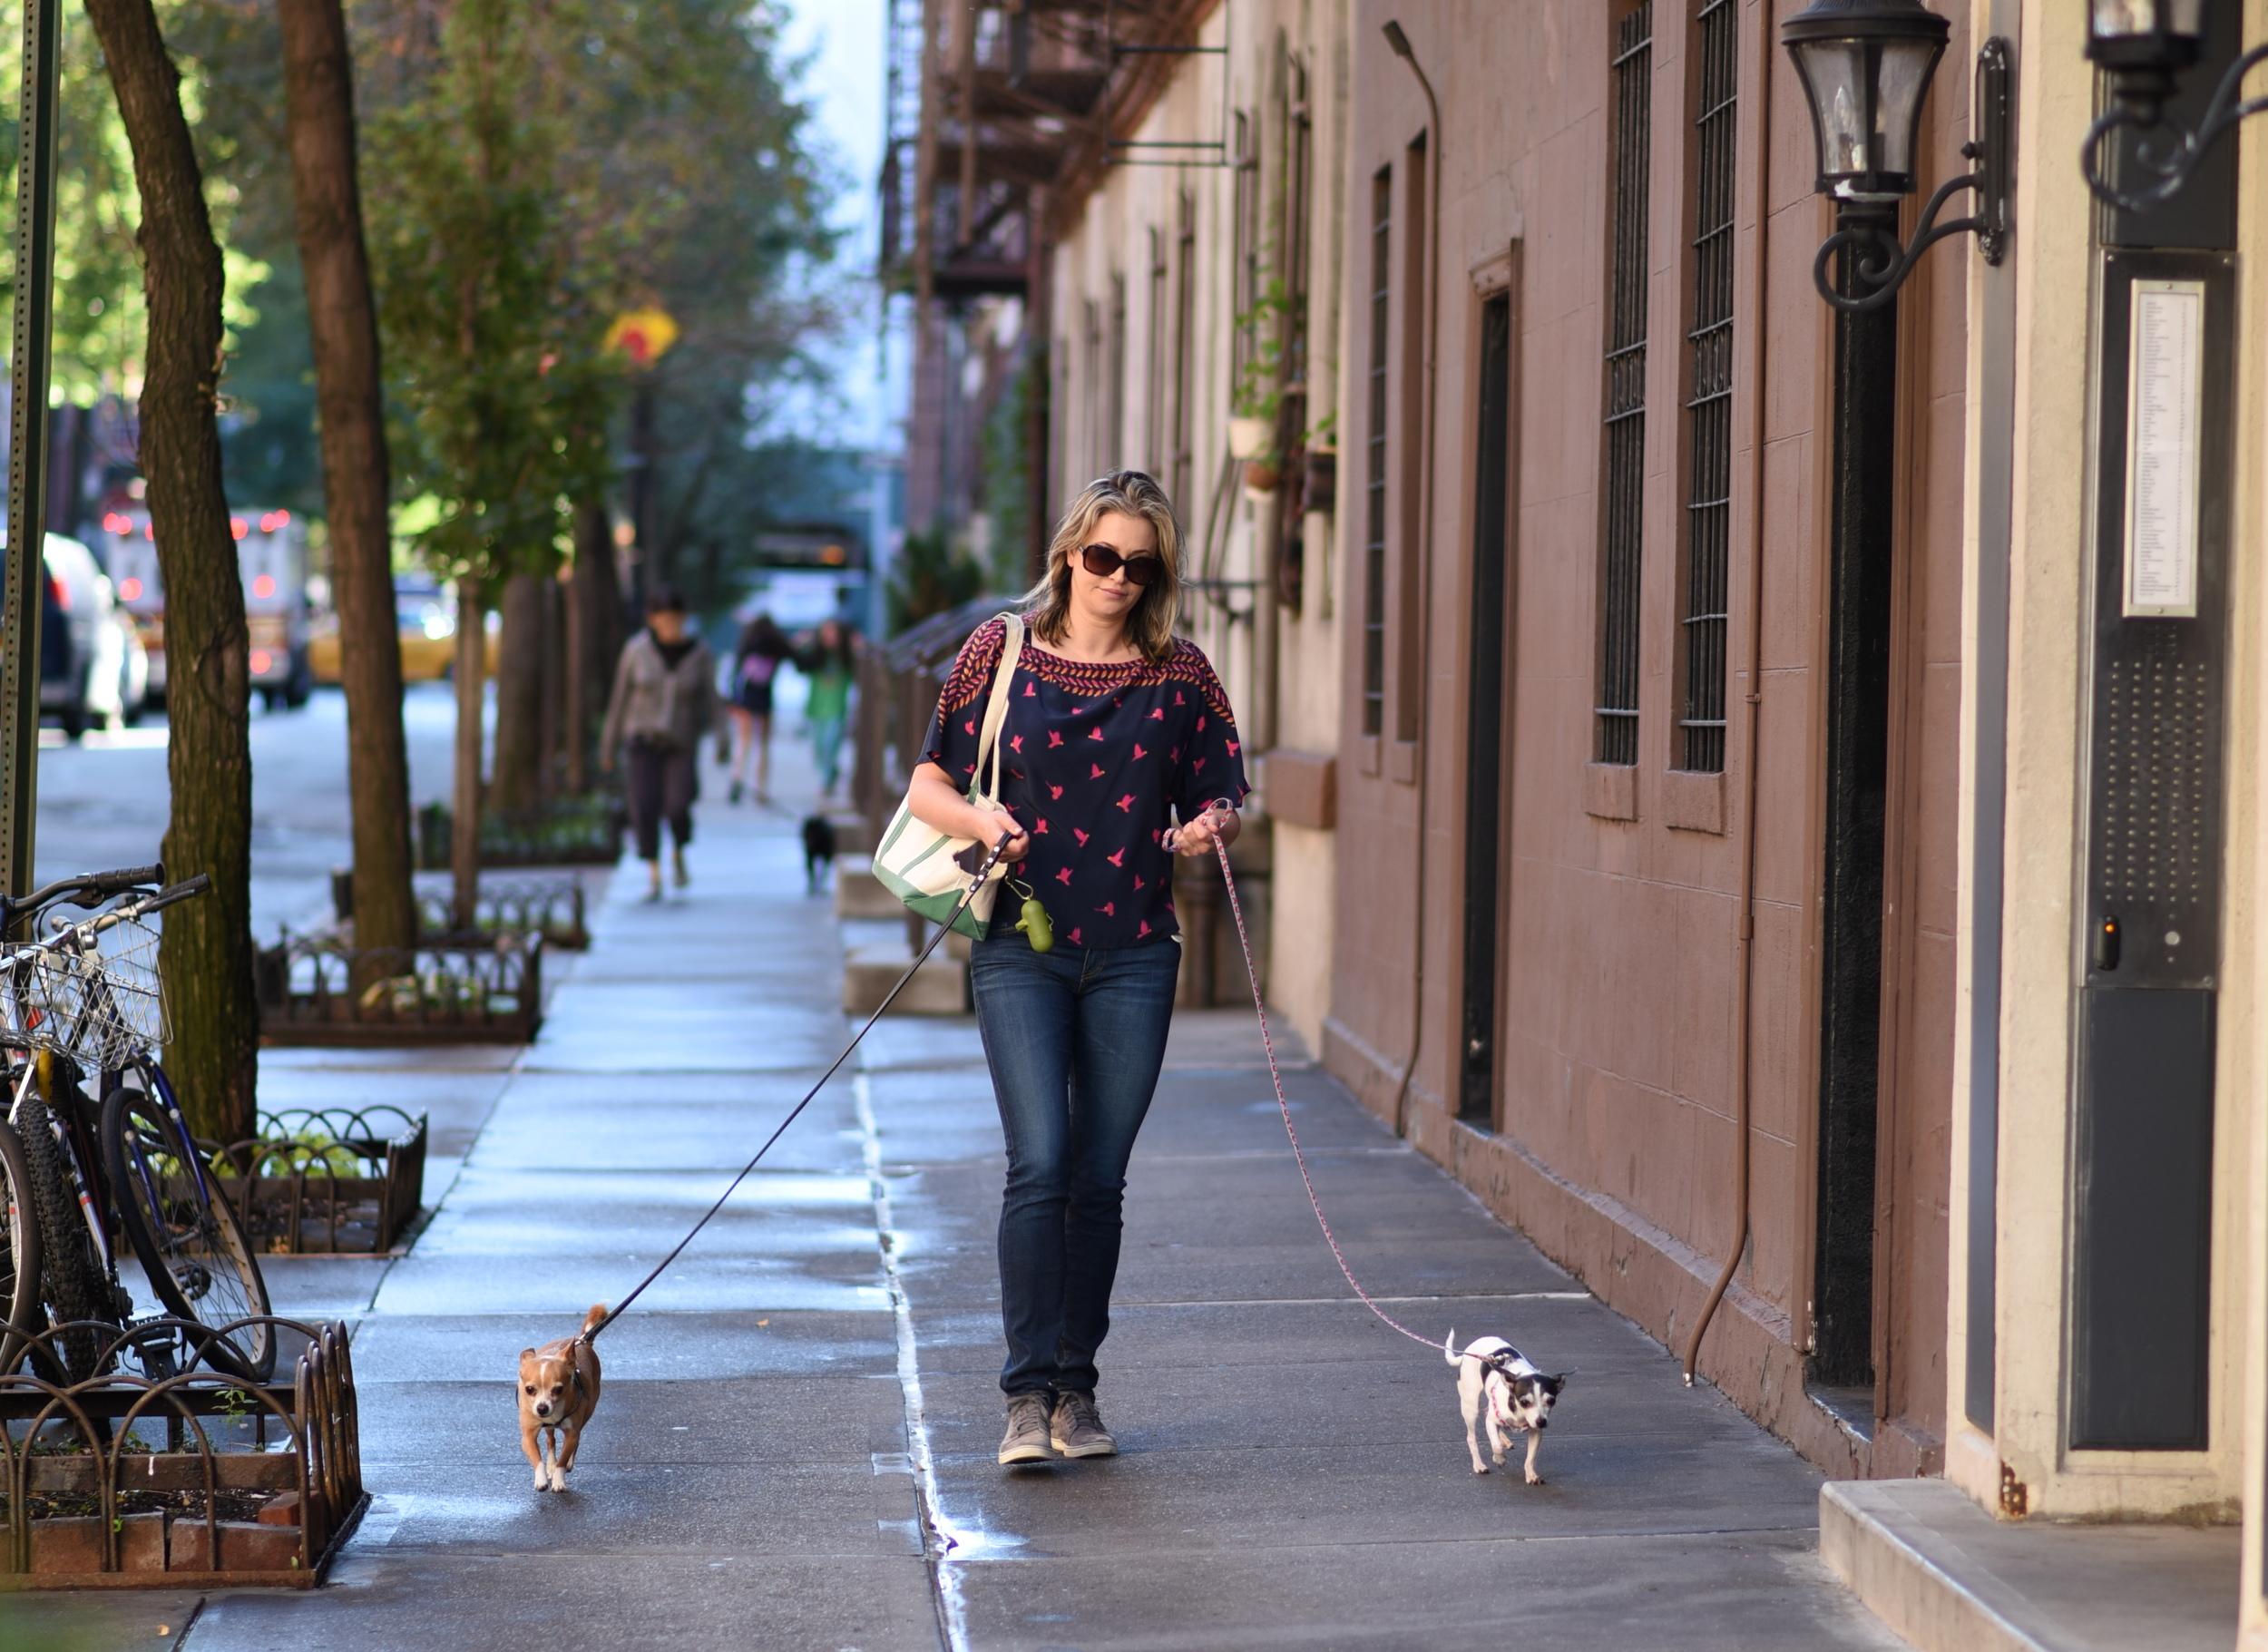 walking-dogs.jpg